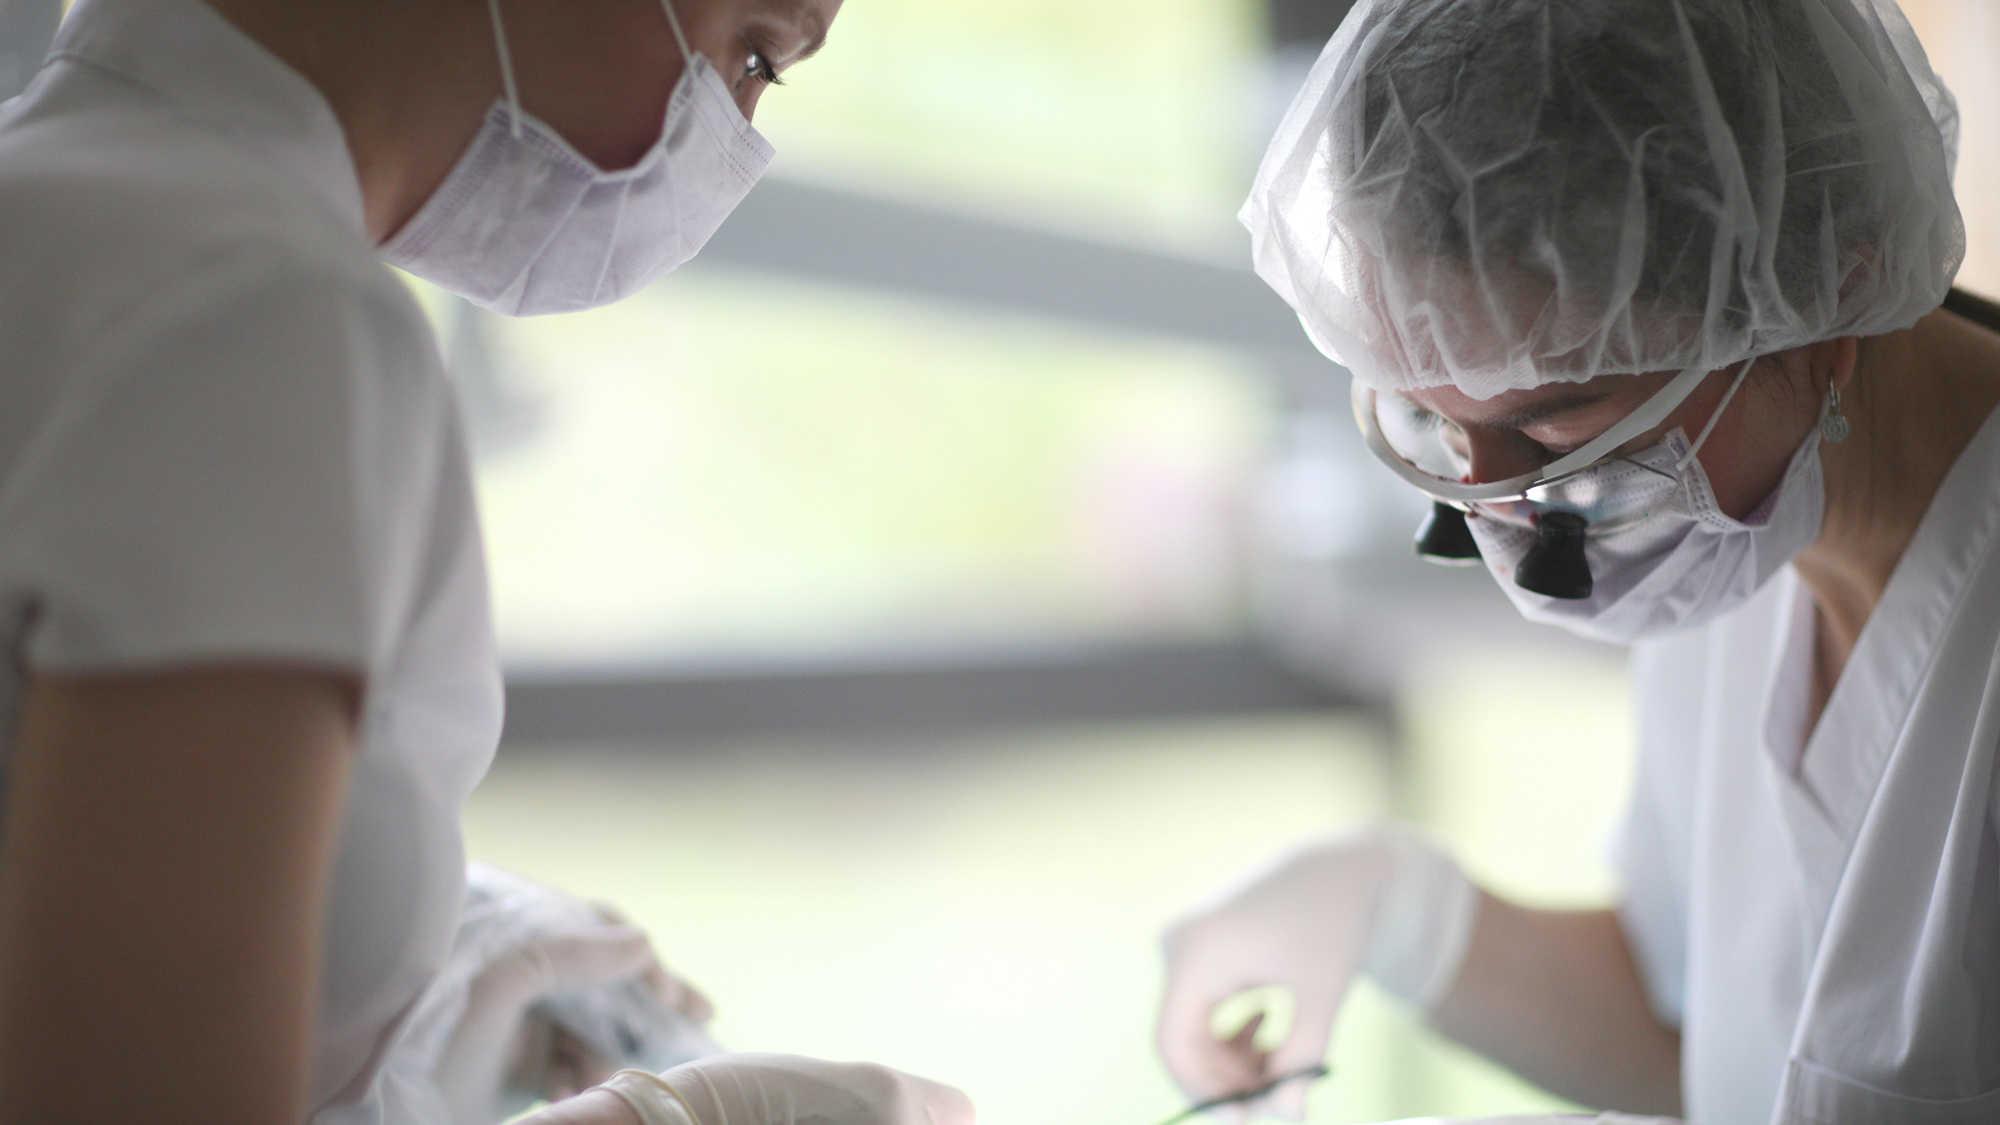 Celosvětový nedostatek roušek zasahuje zubní ordinace po celém světě